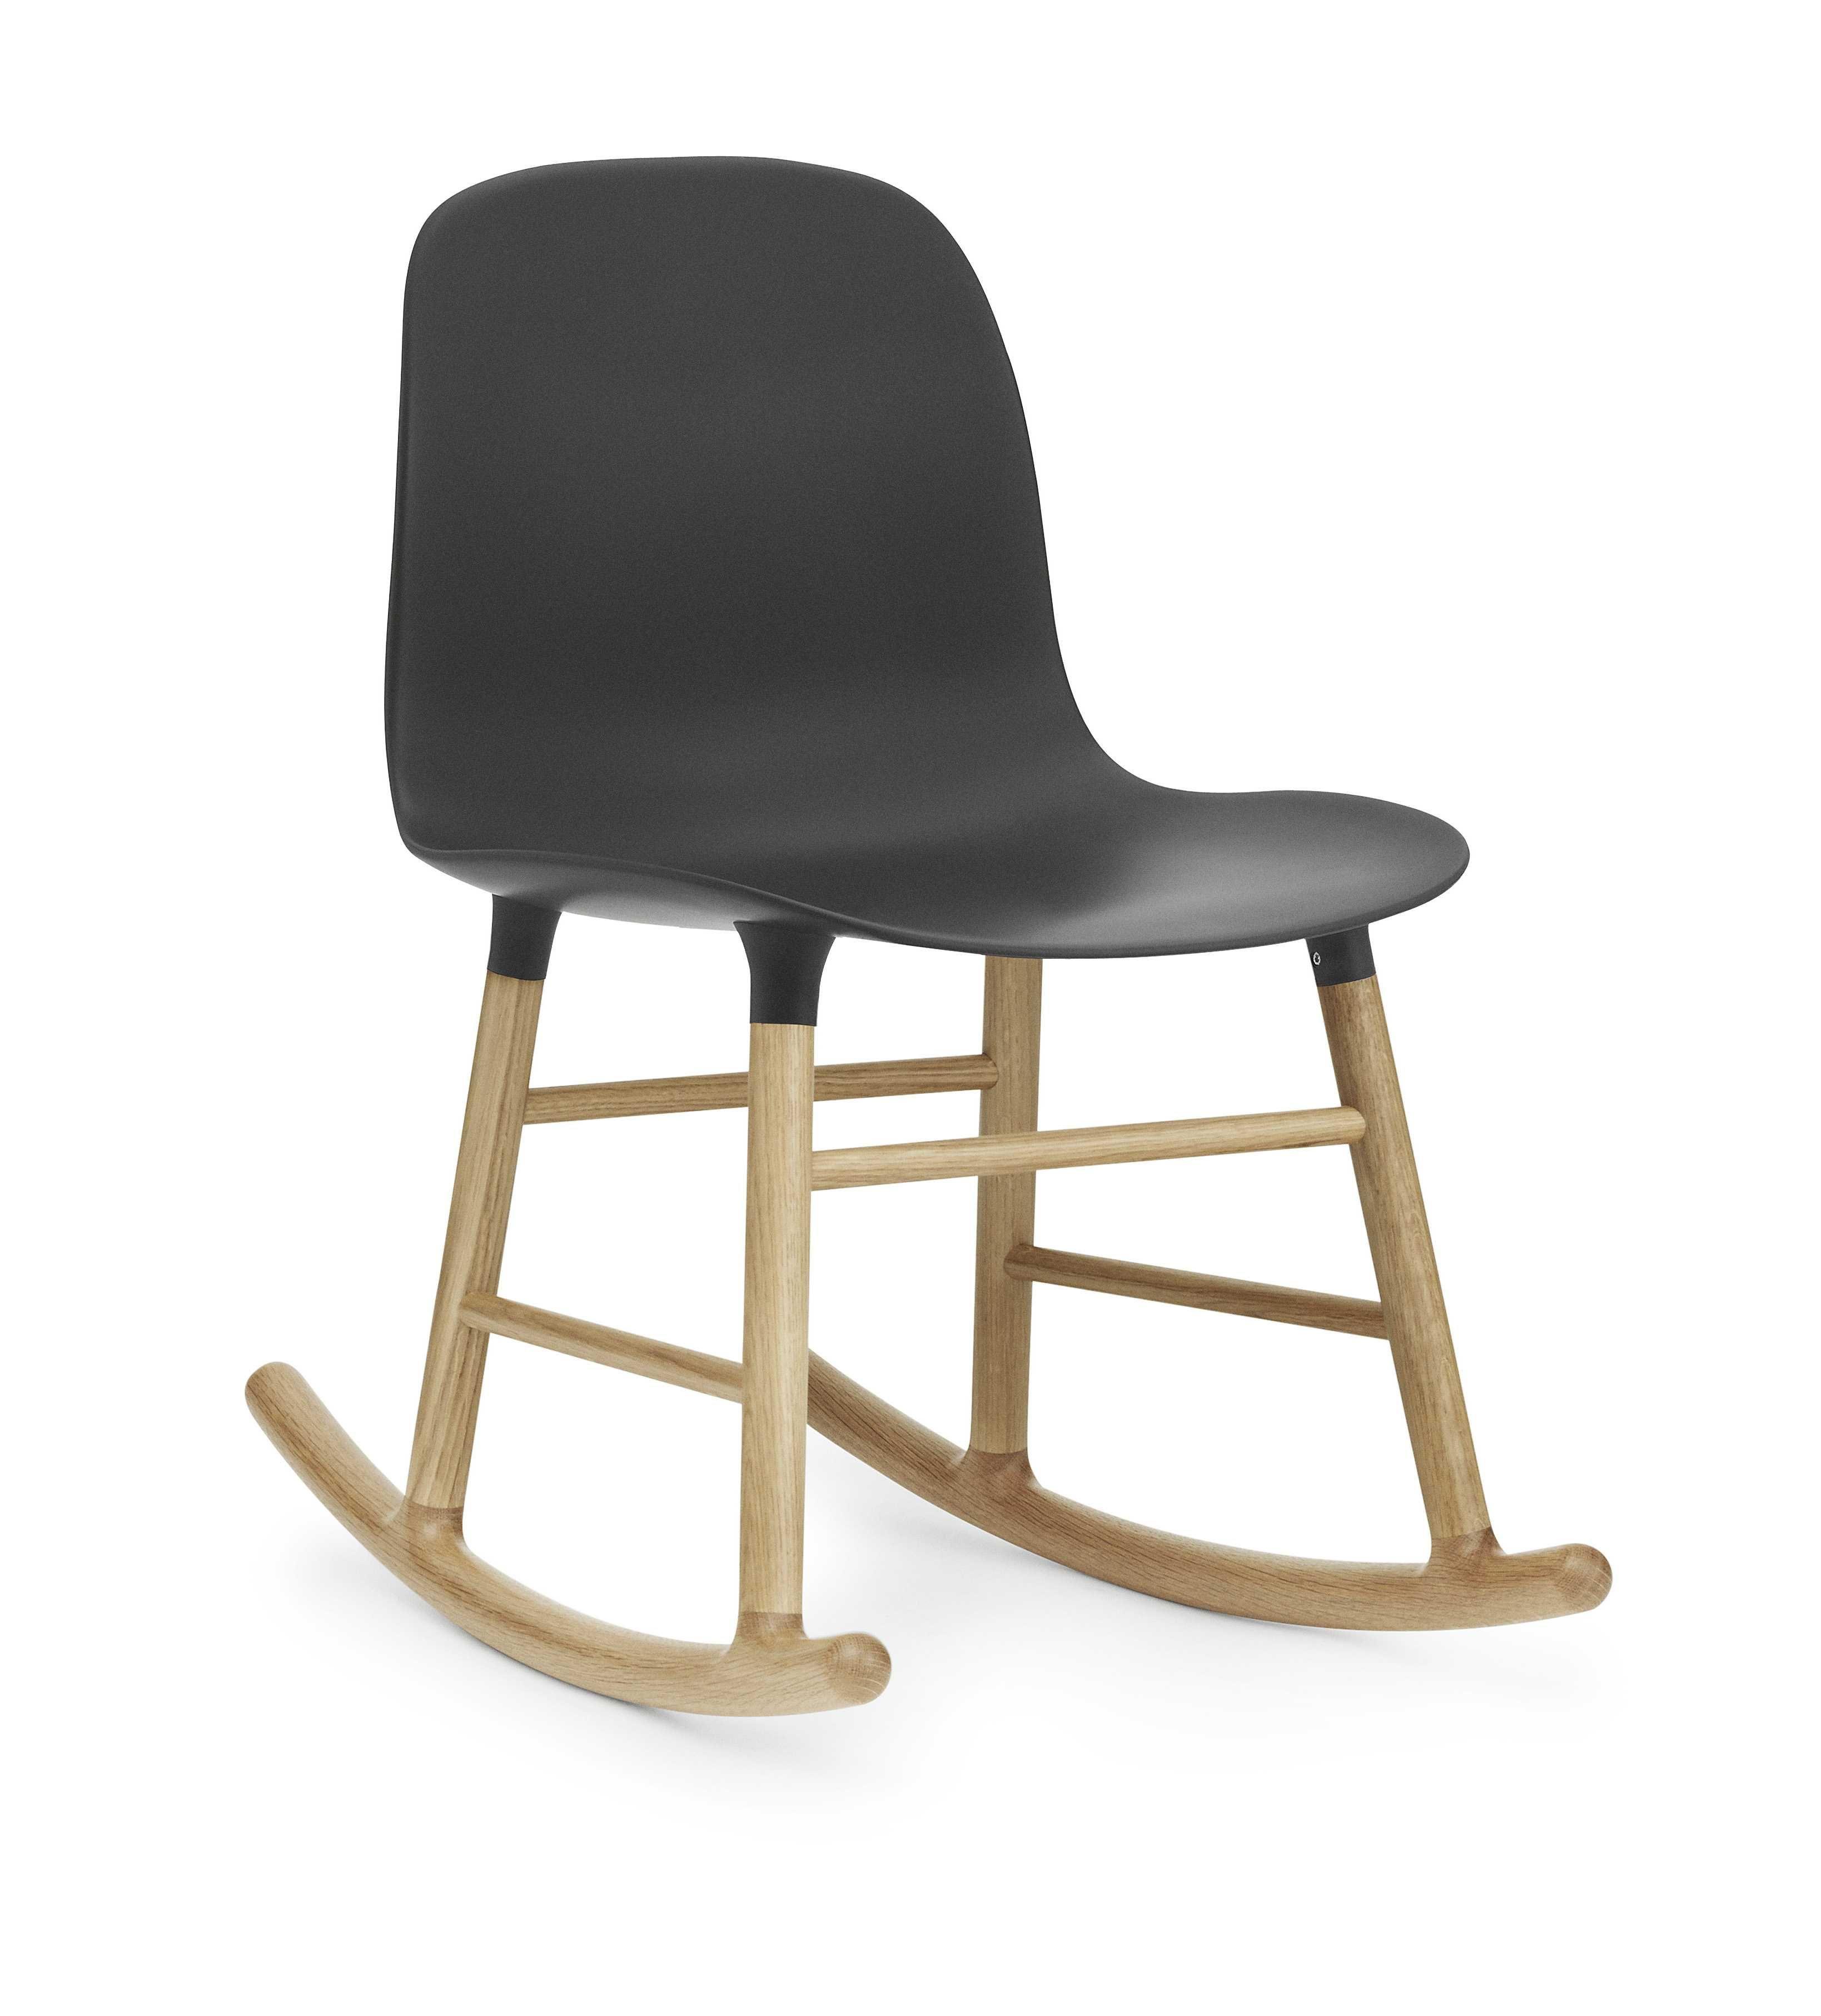 Normann Copenhagen Form Rocking Chair schommelstoel met eiken onderstel zwart kopen